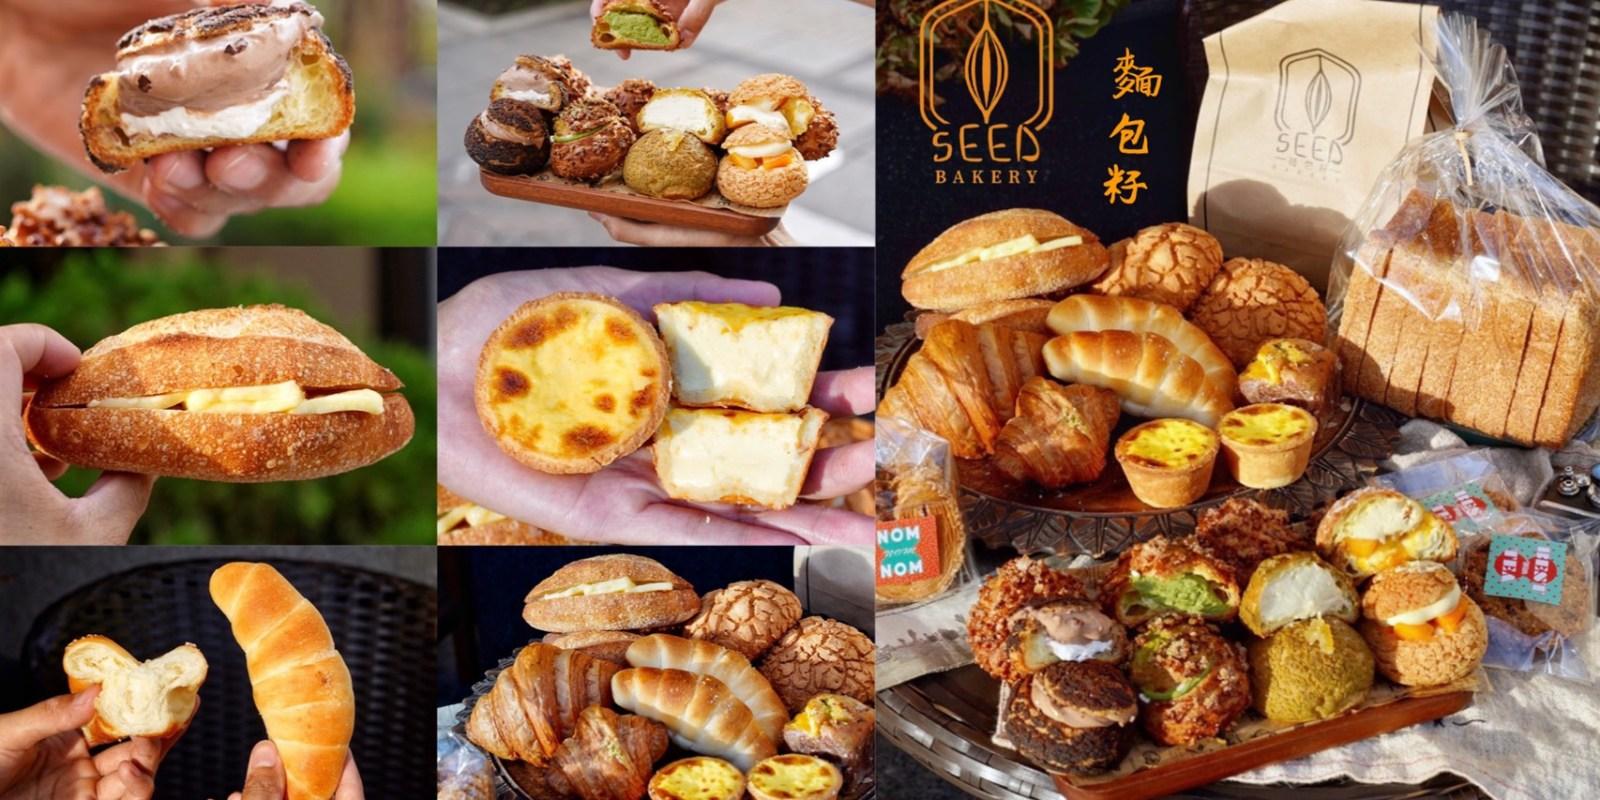 【新竹美食】竹北麵包店激推『Seed Bakery 麵包籽』,內用咖啡、氣泡水免費無限暢飲!嚴選頂級天然食材、不含防腐劑、人工添加物、少油又少糖,真的是一試成主顧!